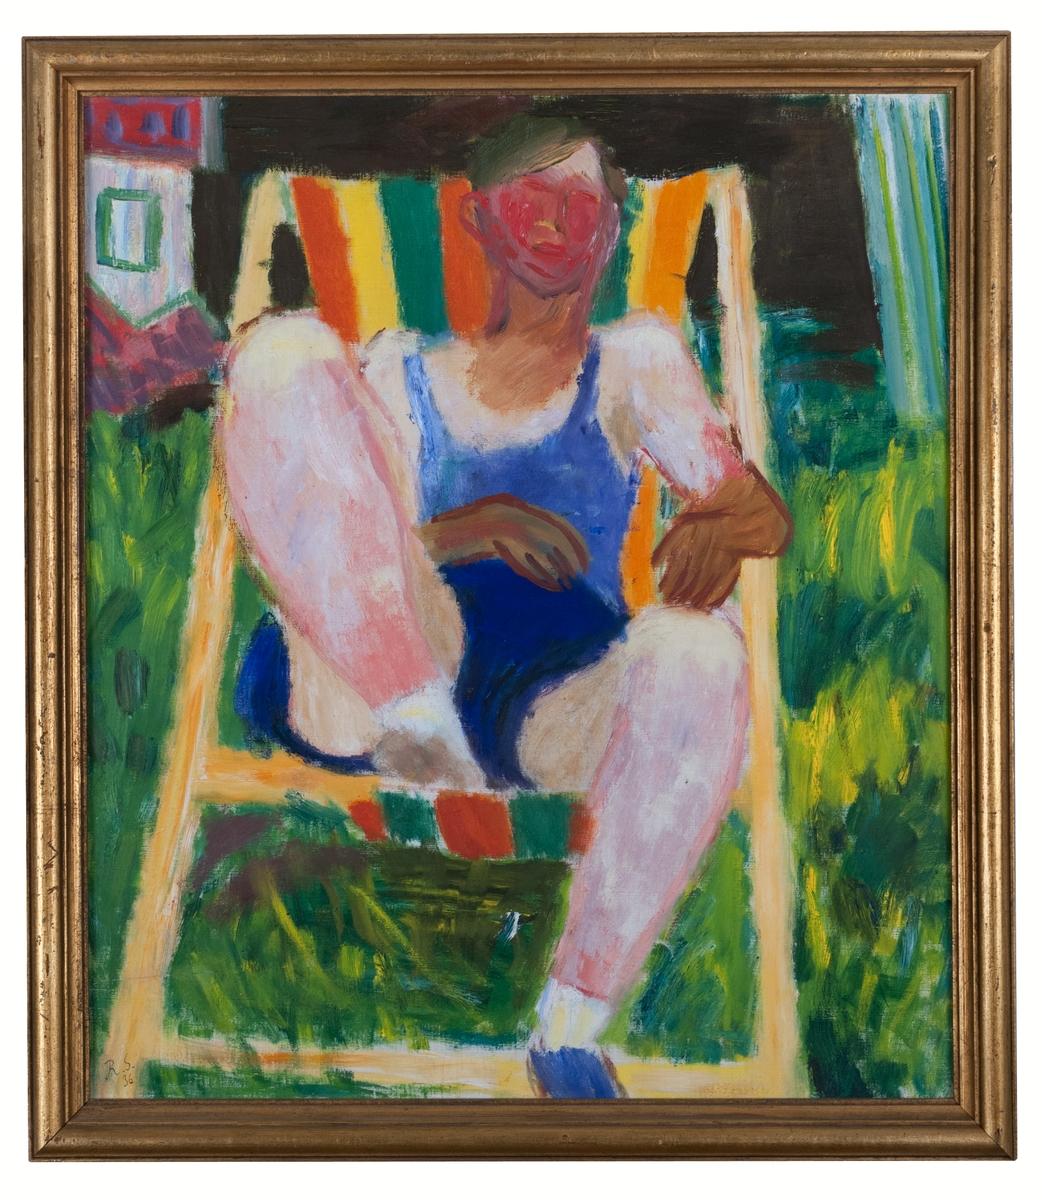 """Oljemålning """"I vilstolen"""" av Ragnar Sandberg. Man sittande i en trädgårdsvilstol; mannen har mörkblå korta byxor och ljusblå tröja; vilstolen med orange-grön-gult tyg står på gräsmattan, t.v. i fonden hus. Fonden till större delen svart."""